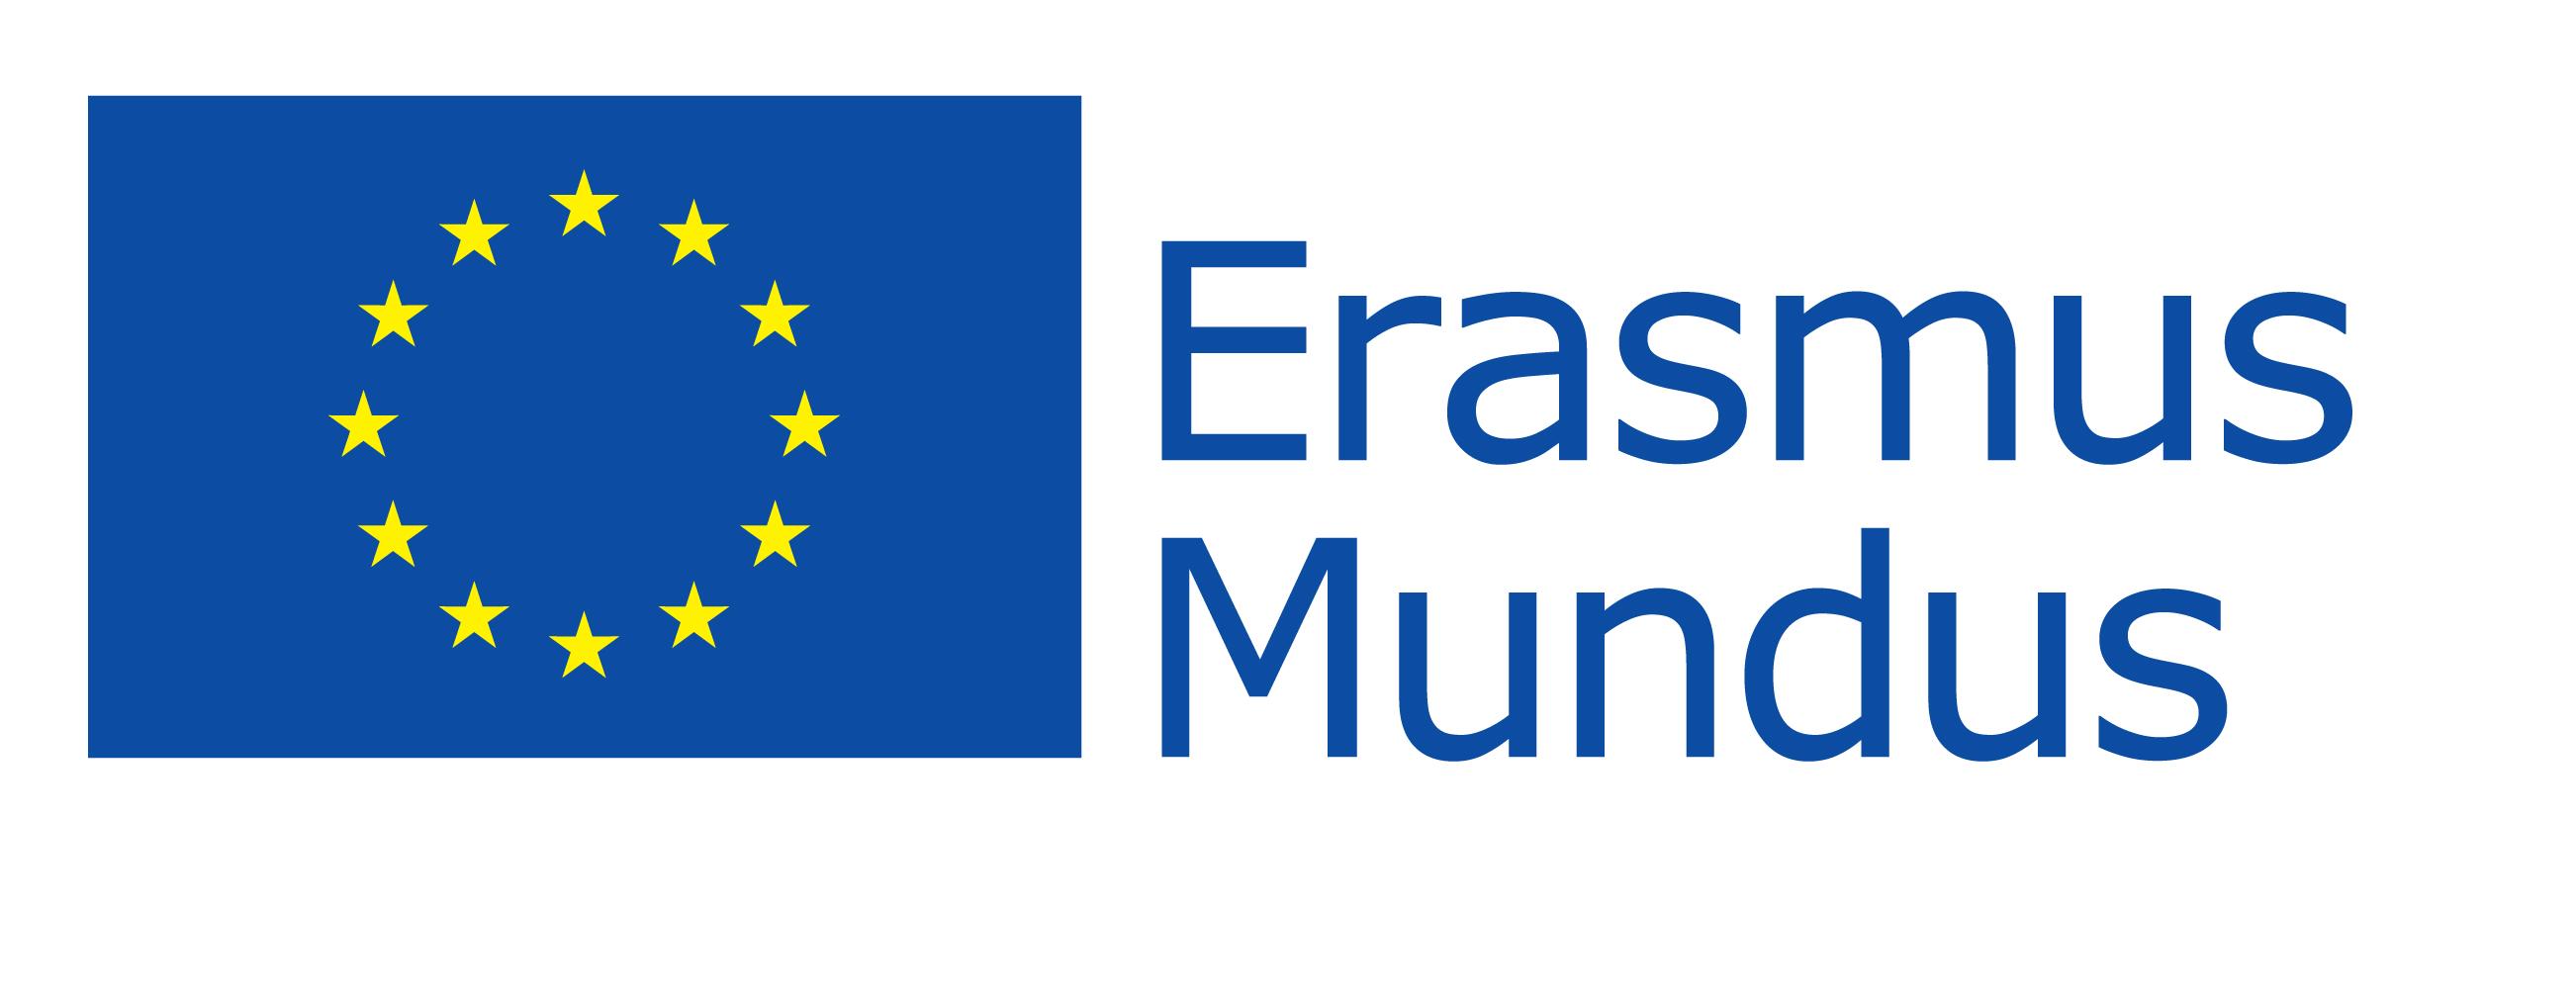 منح النمسا - منح دراسية في النمسا - منح الدراسة في النمسا - إيراسموس موندوس